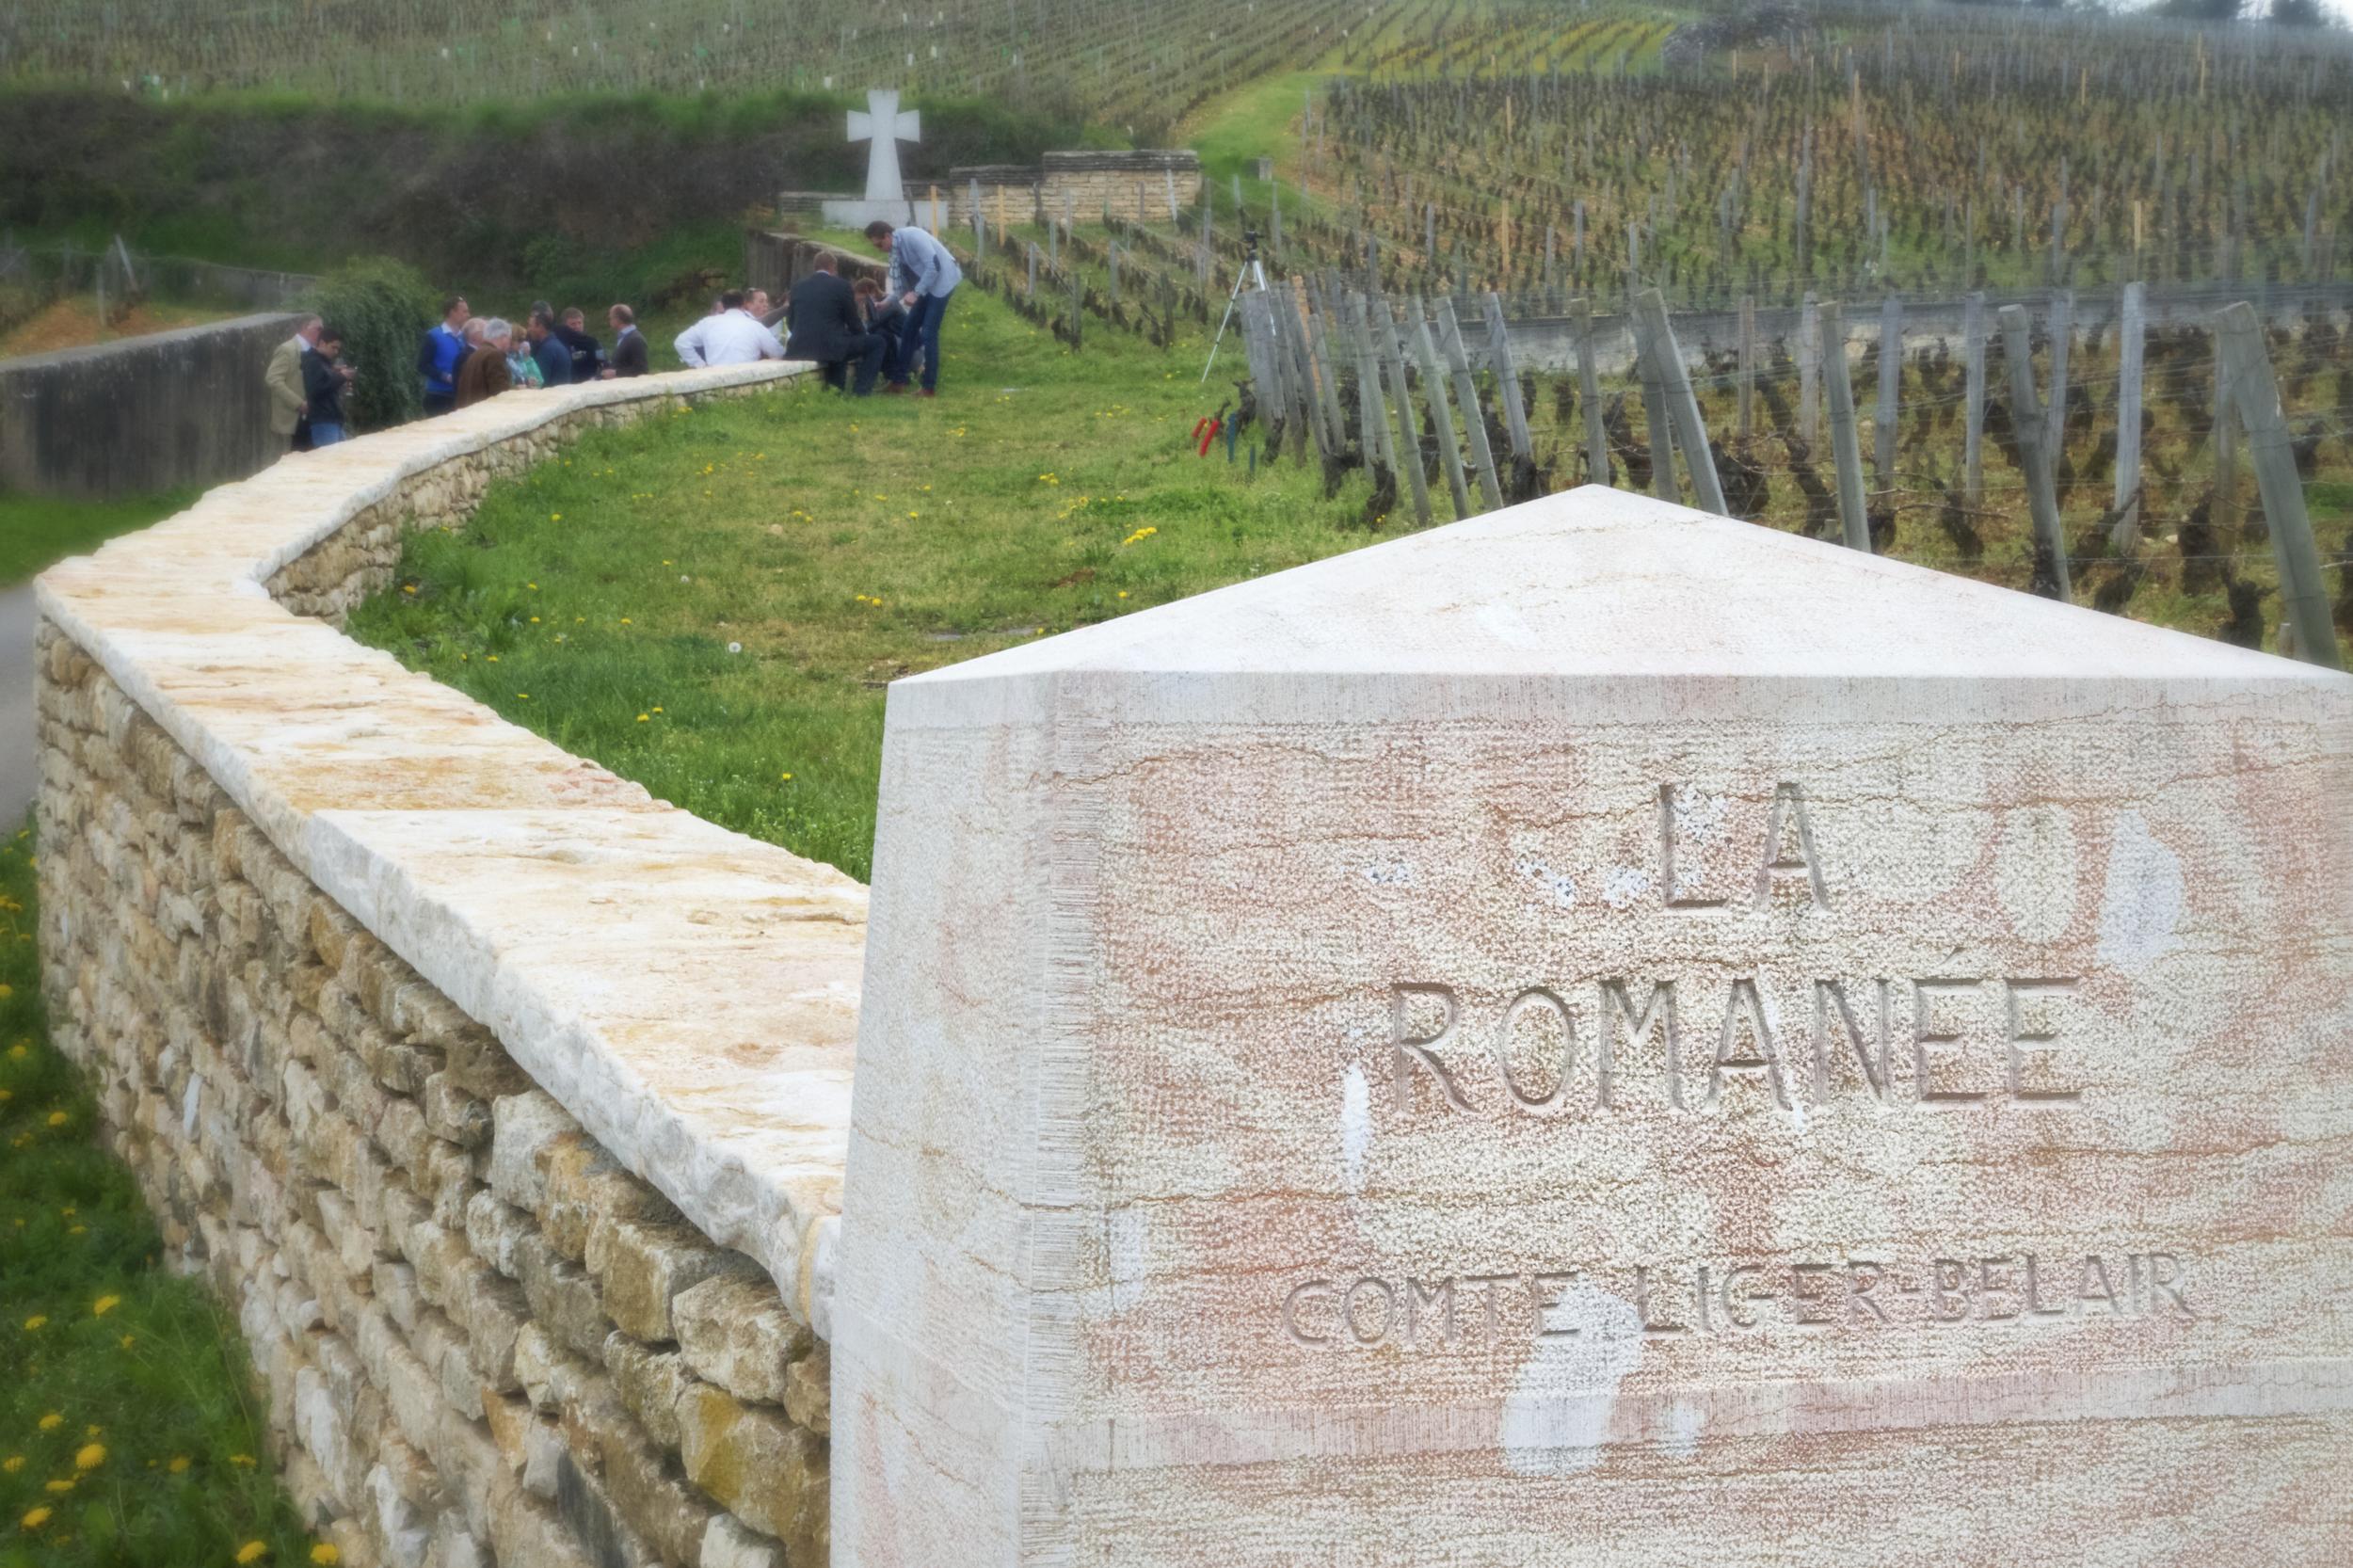 La Romanée steen in kleur 46386 - Version 2 (1).jpg